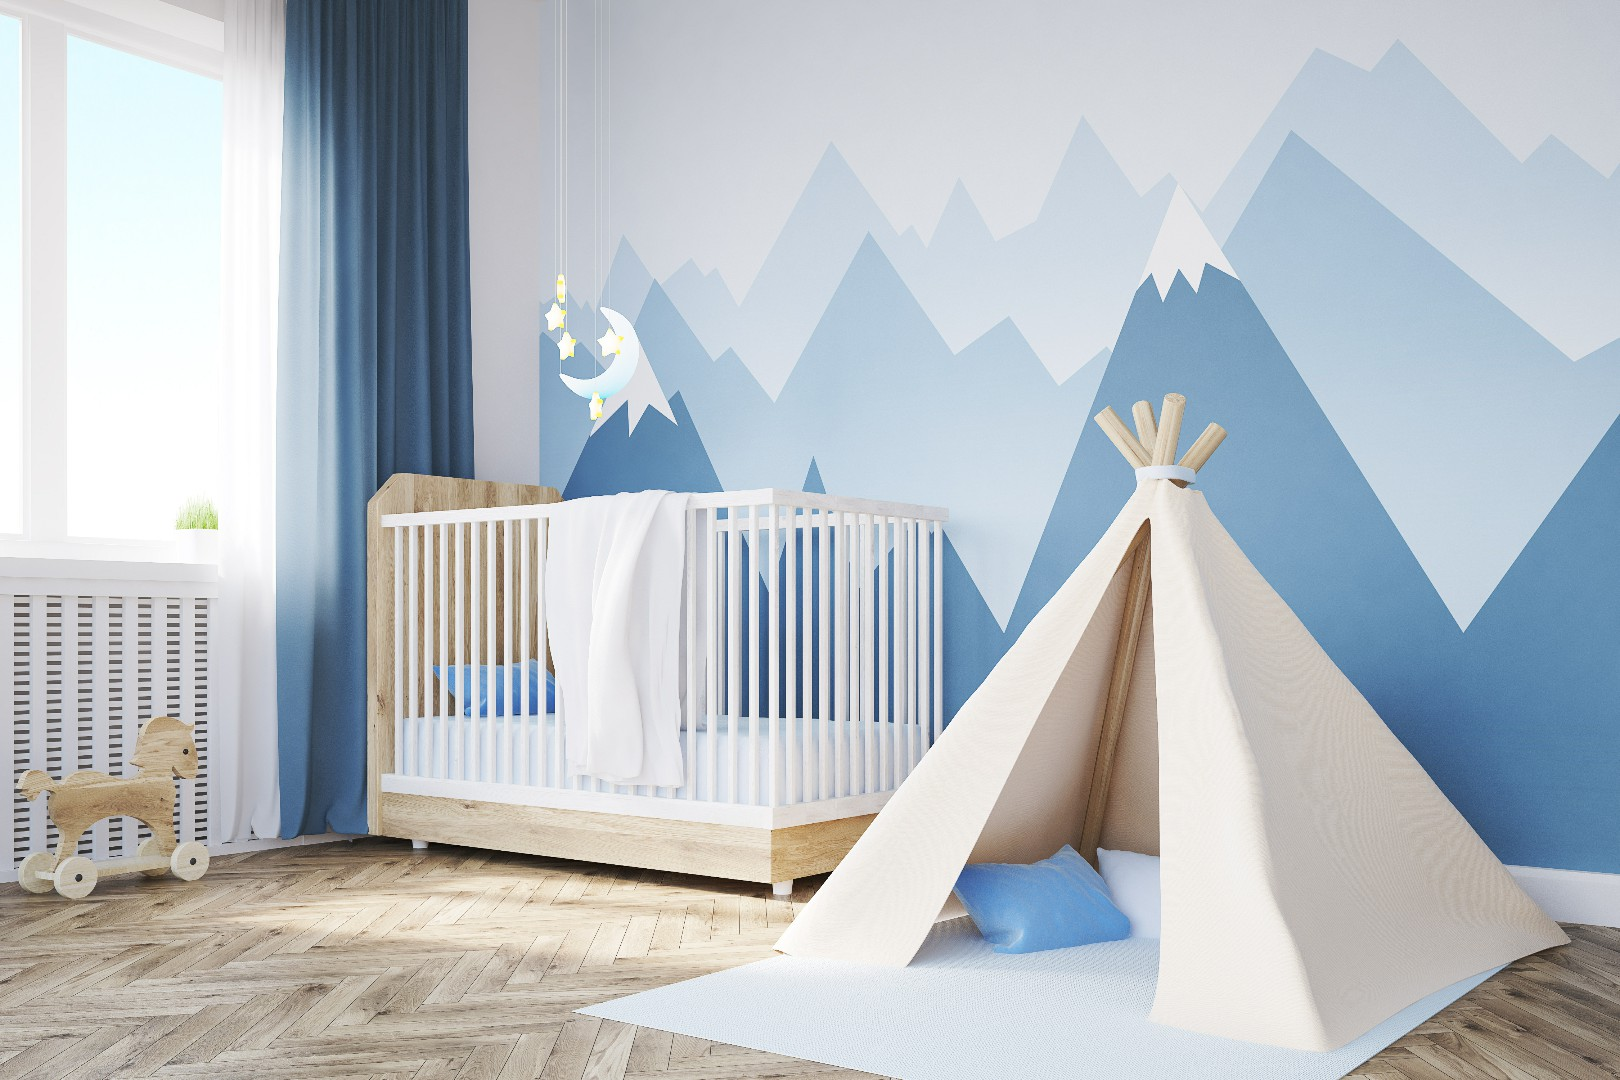 Comment d corer la chambre d un b b gar on home coaching - Decorer une chambre bebe ...